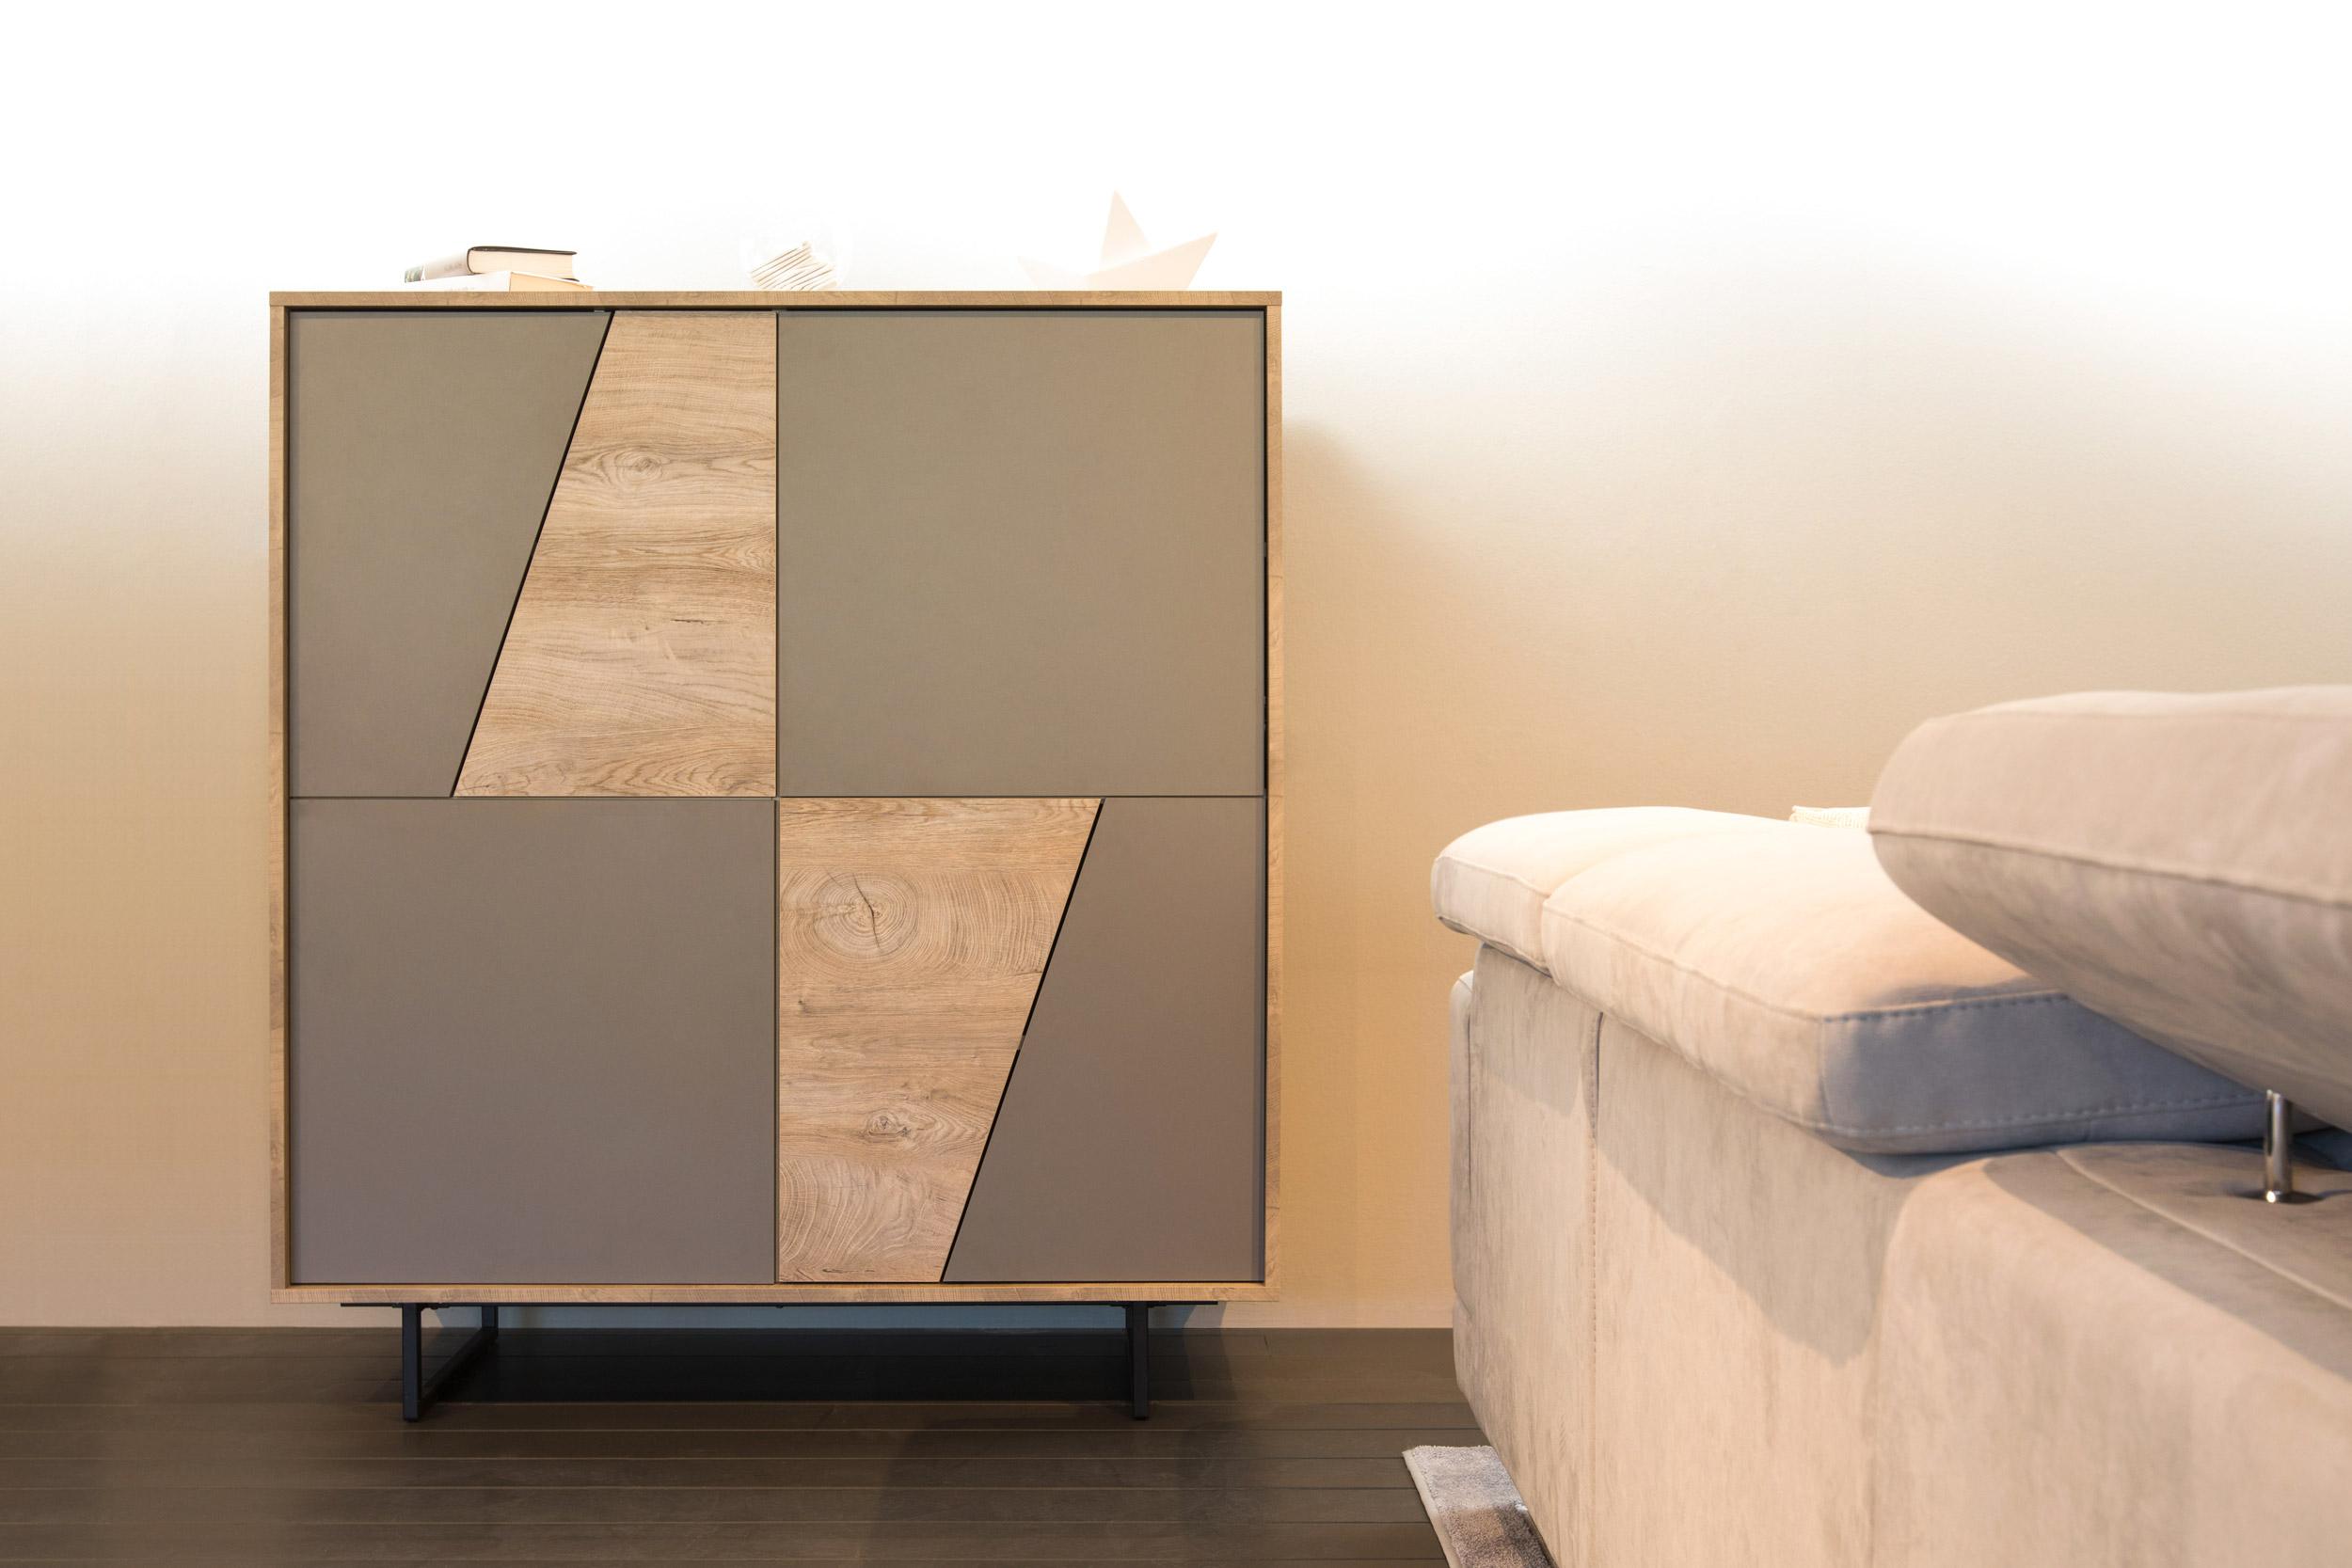 Organizzare La Credenza : Credenza in legno con tanto spazio per organizzare e tenere